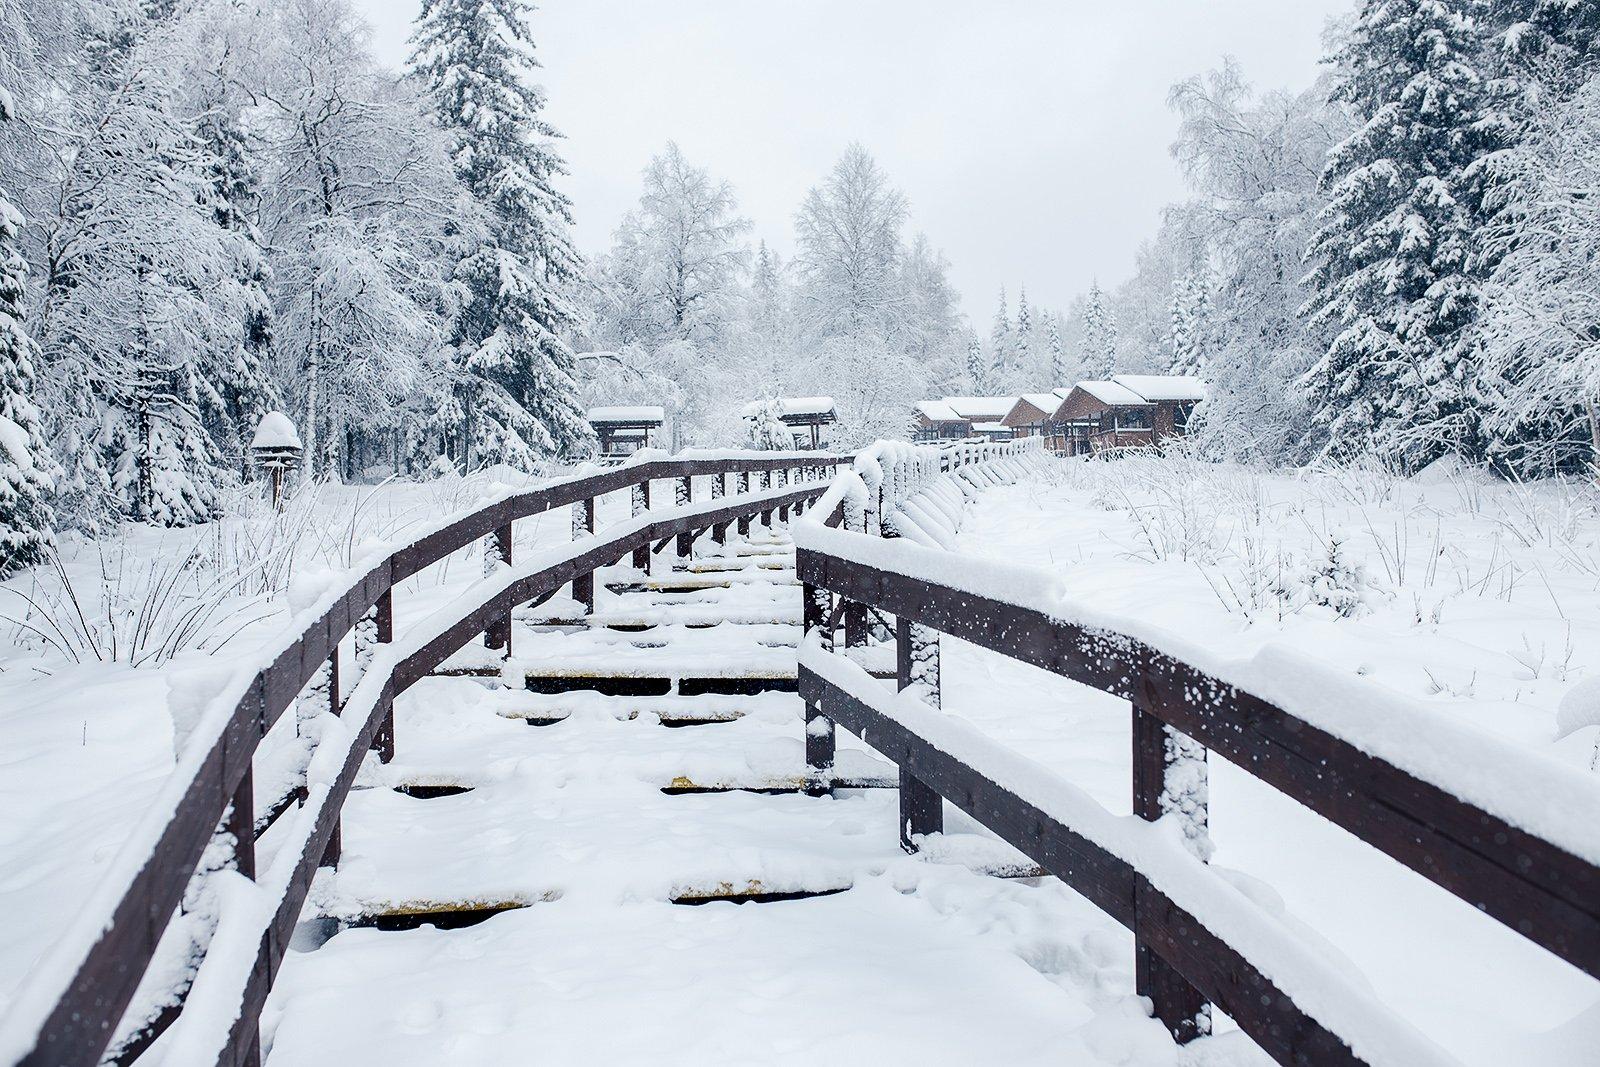 зима, снег, природа, южный урал, таганай, Евгений Толкачёв